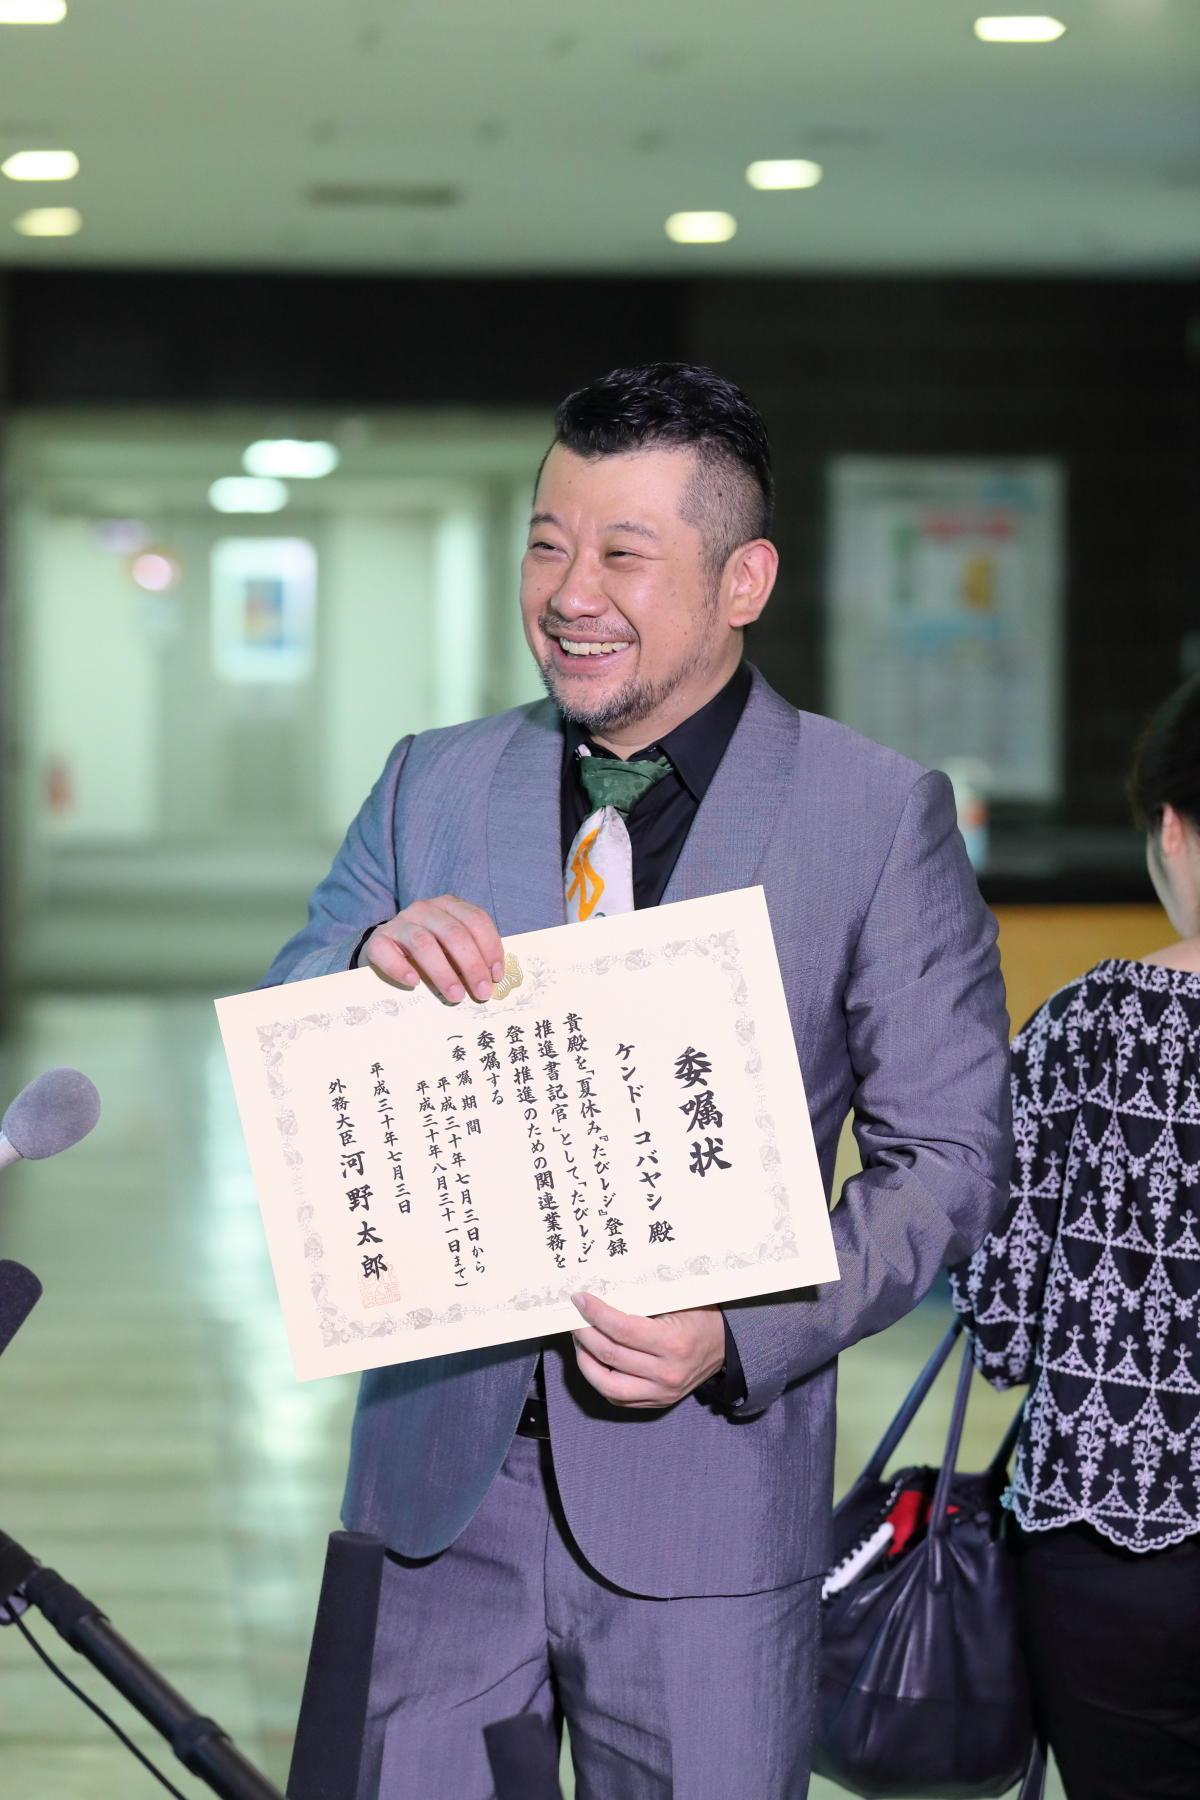 http://news.yoshimoto.co.jp/20180706232304-6a240ac0f35e3362c211c28183ef1c74ea1a3938.jpg